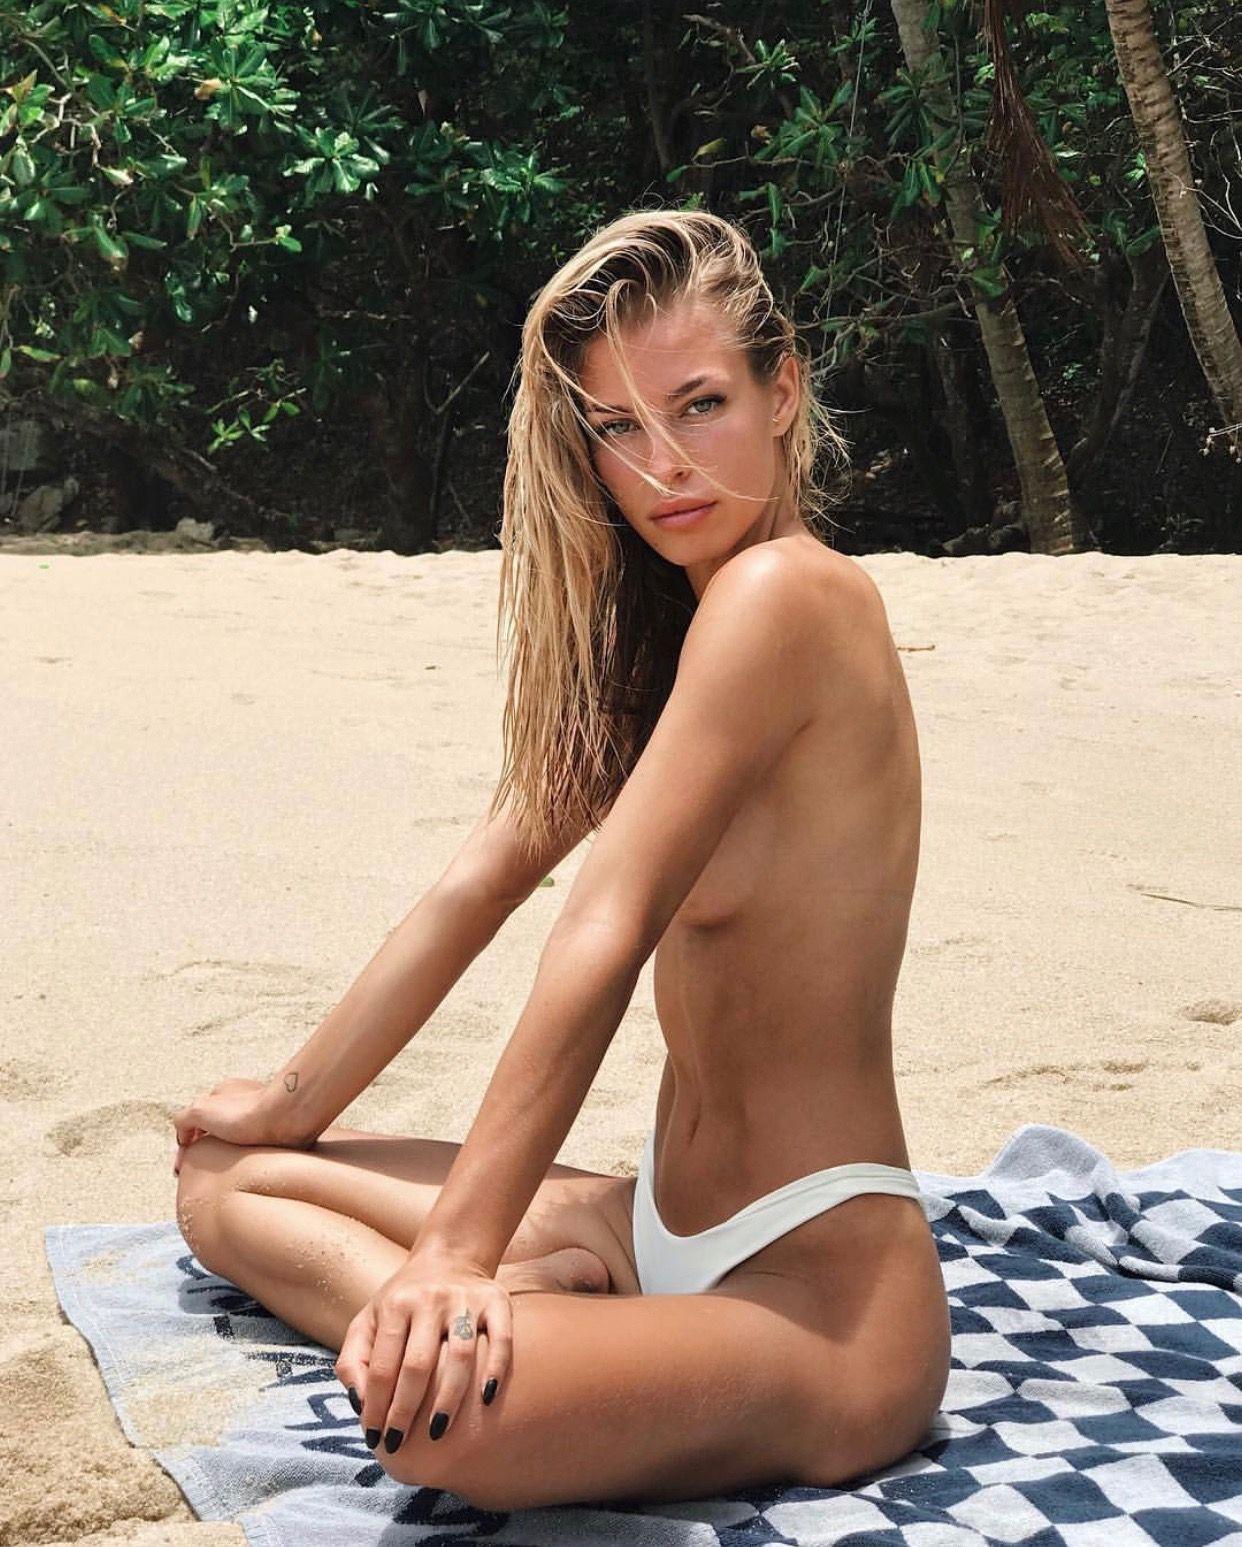 Jessica Goicoechea At Goicoechea22 Shee Bikinis Chicas Guapas Y